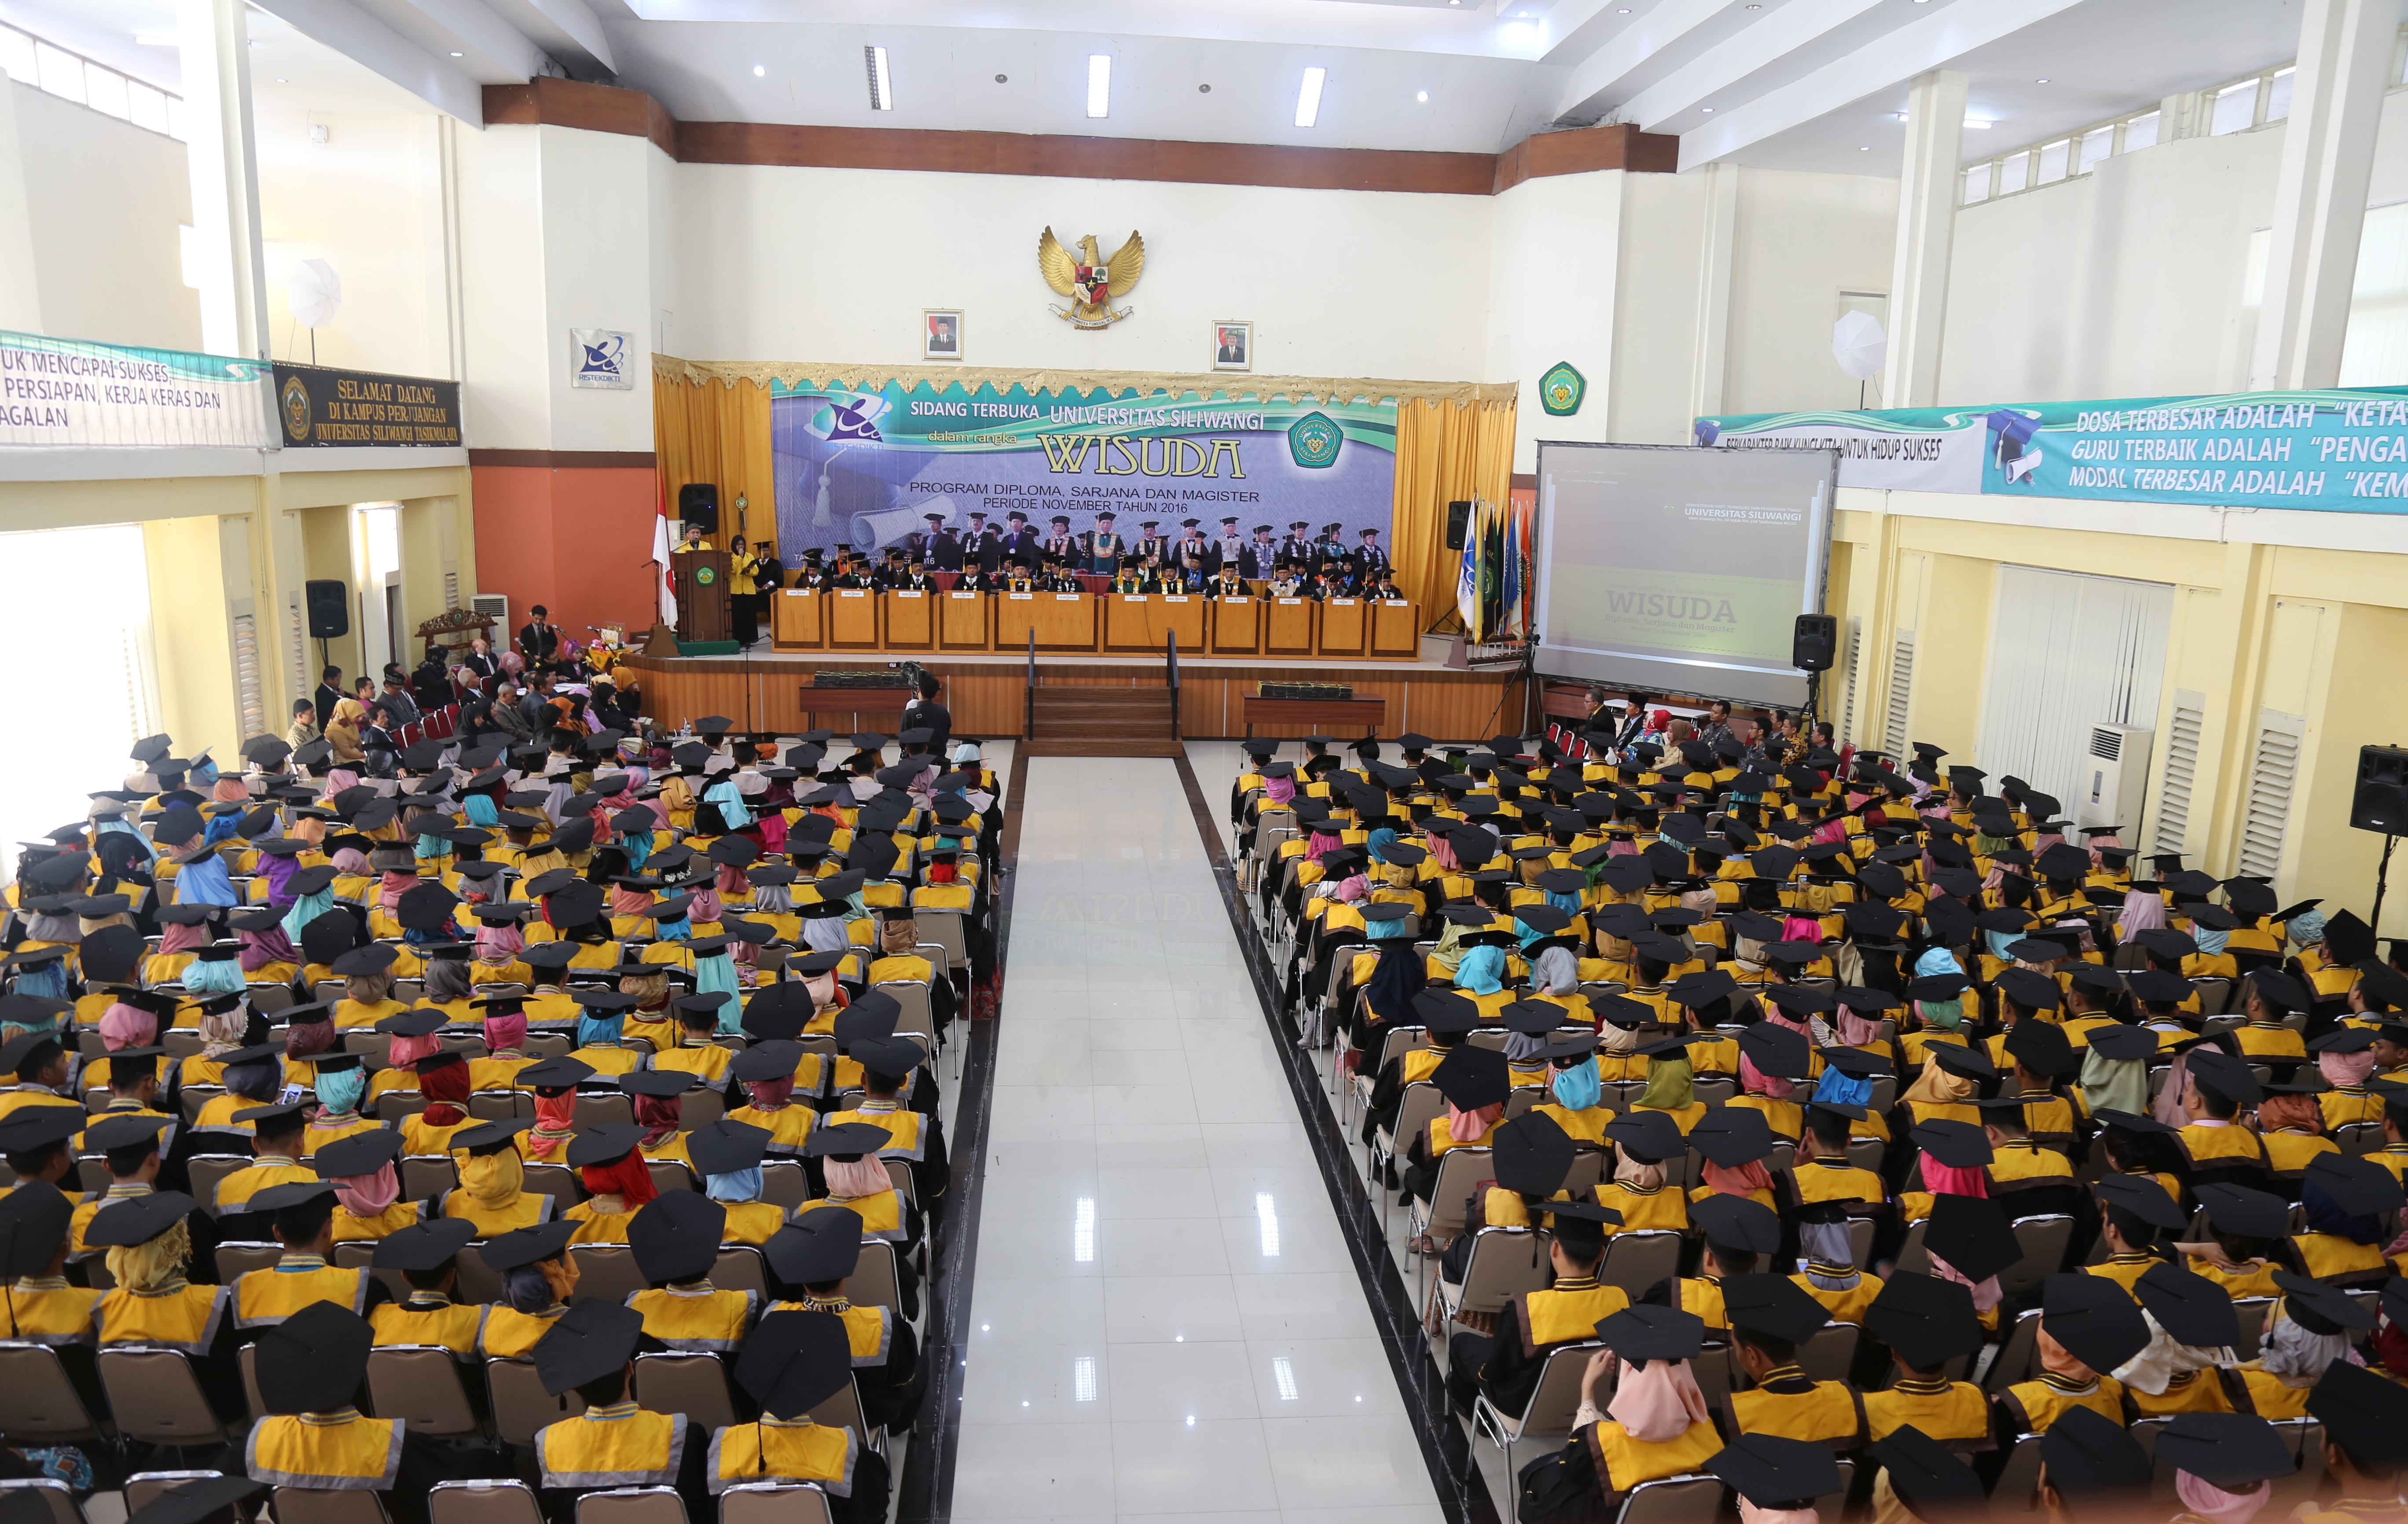 Jadwal Gladi Wisuda dan Jadwal Kedatangan Calon Wisudawan/ti Program Diploma, Sarjana dan Magister Periode II Tahun Akademik 2016/2017